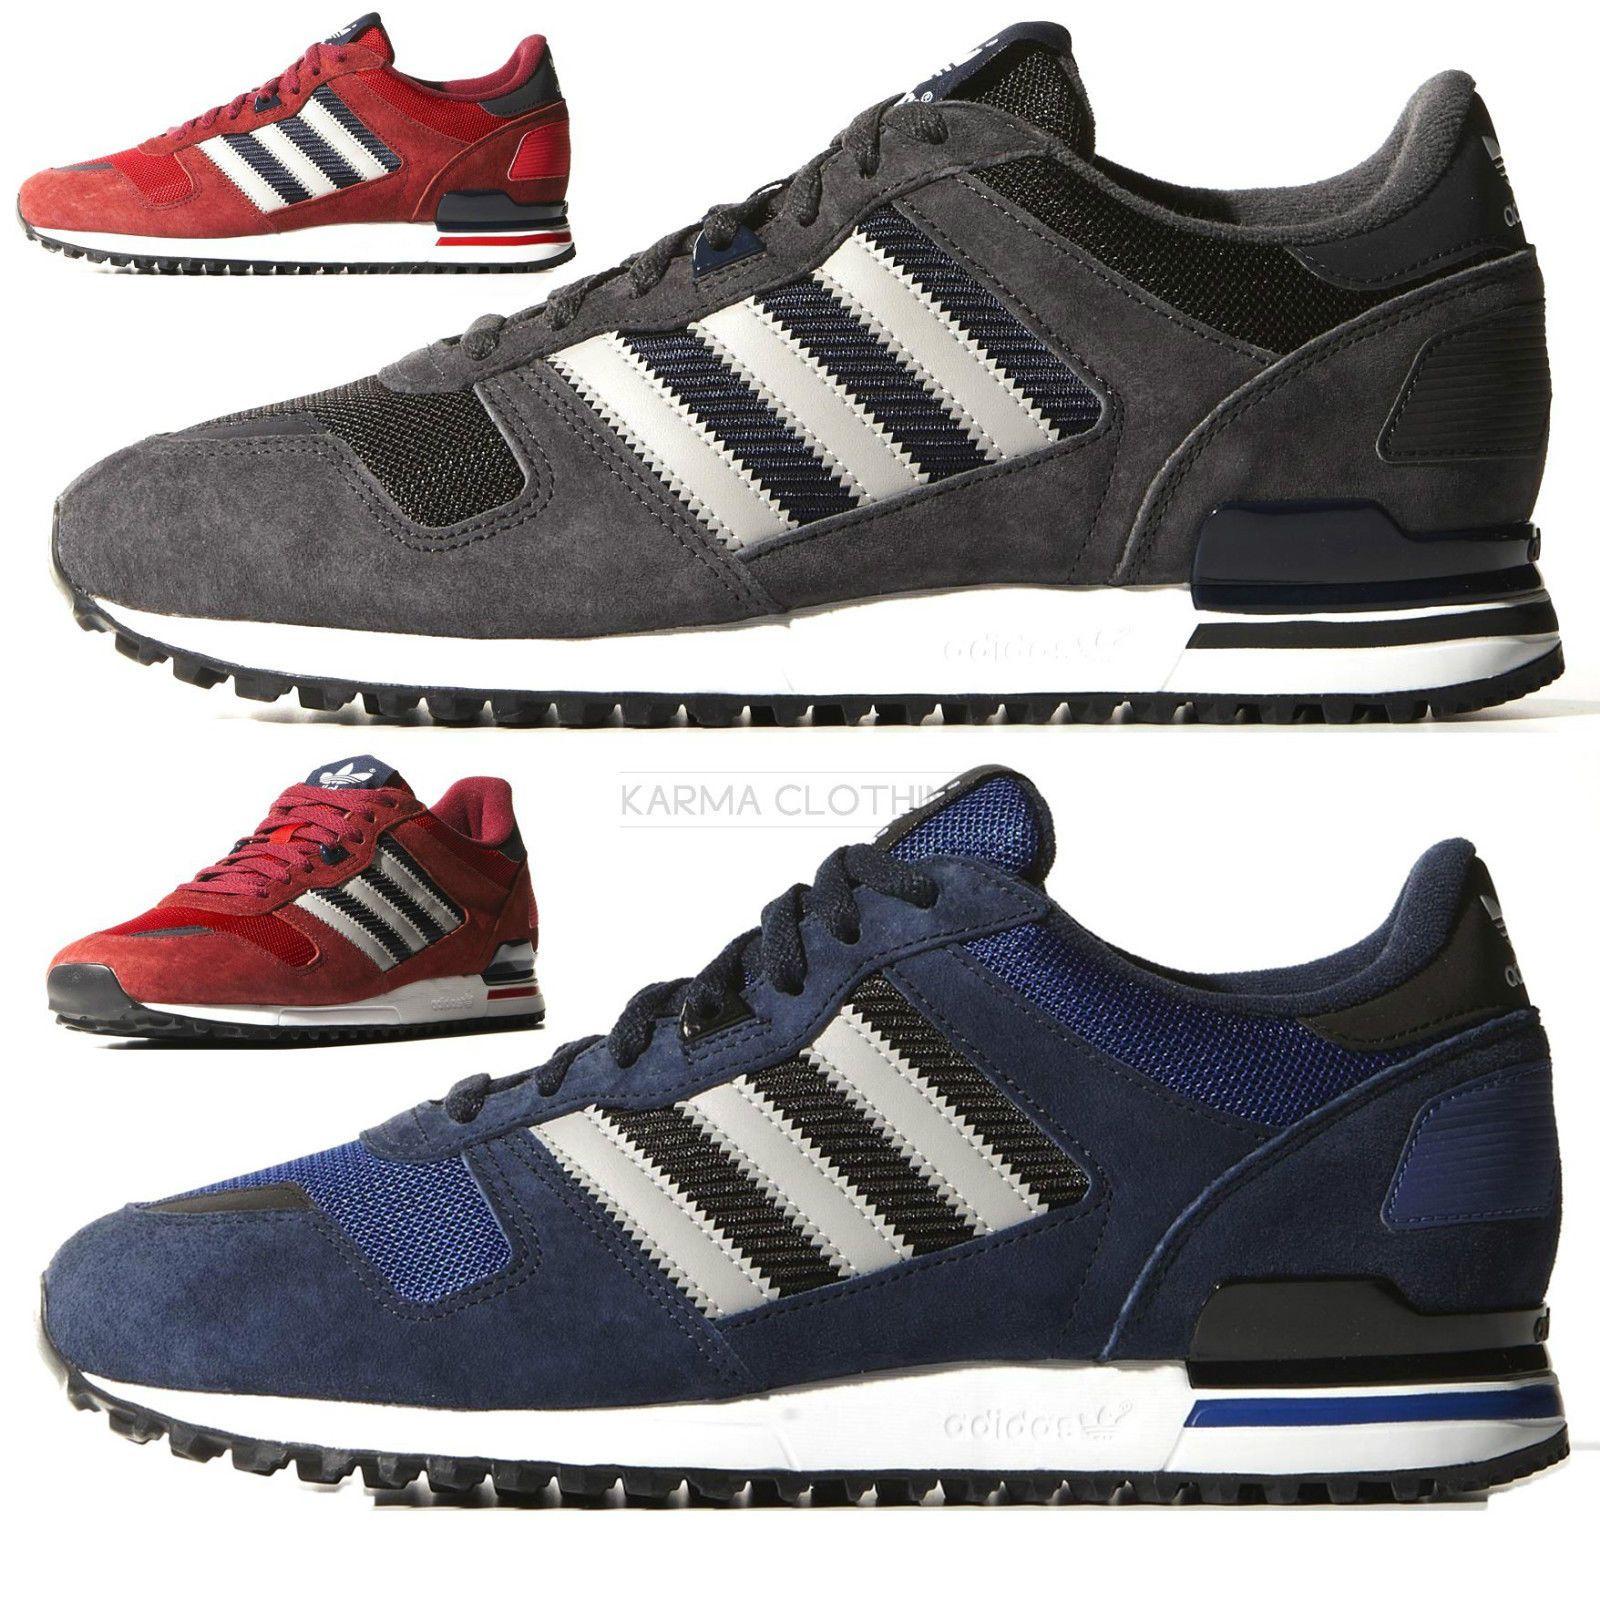 nuove adidas originali mens zx700 zx750 scarpe da corsa formatori confezioni